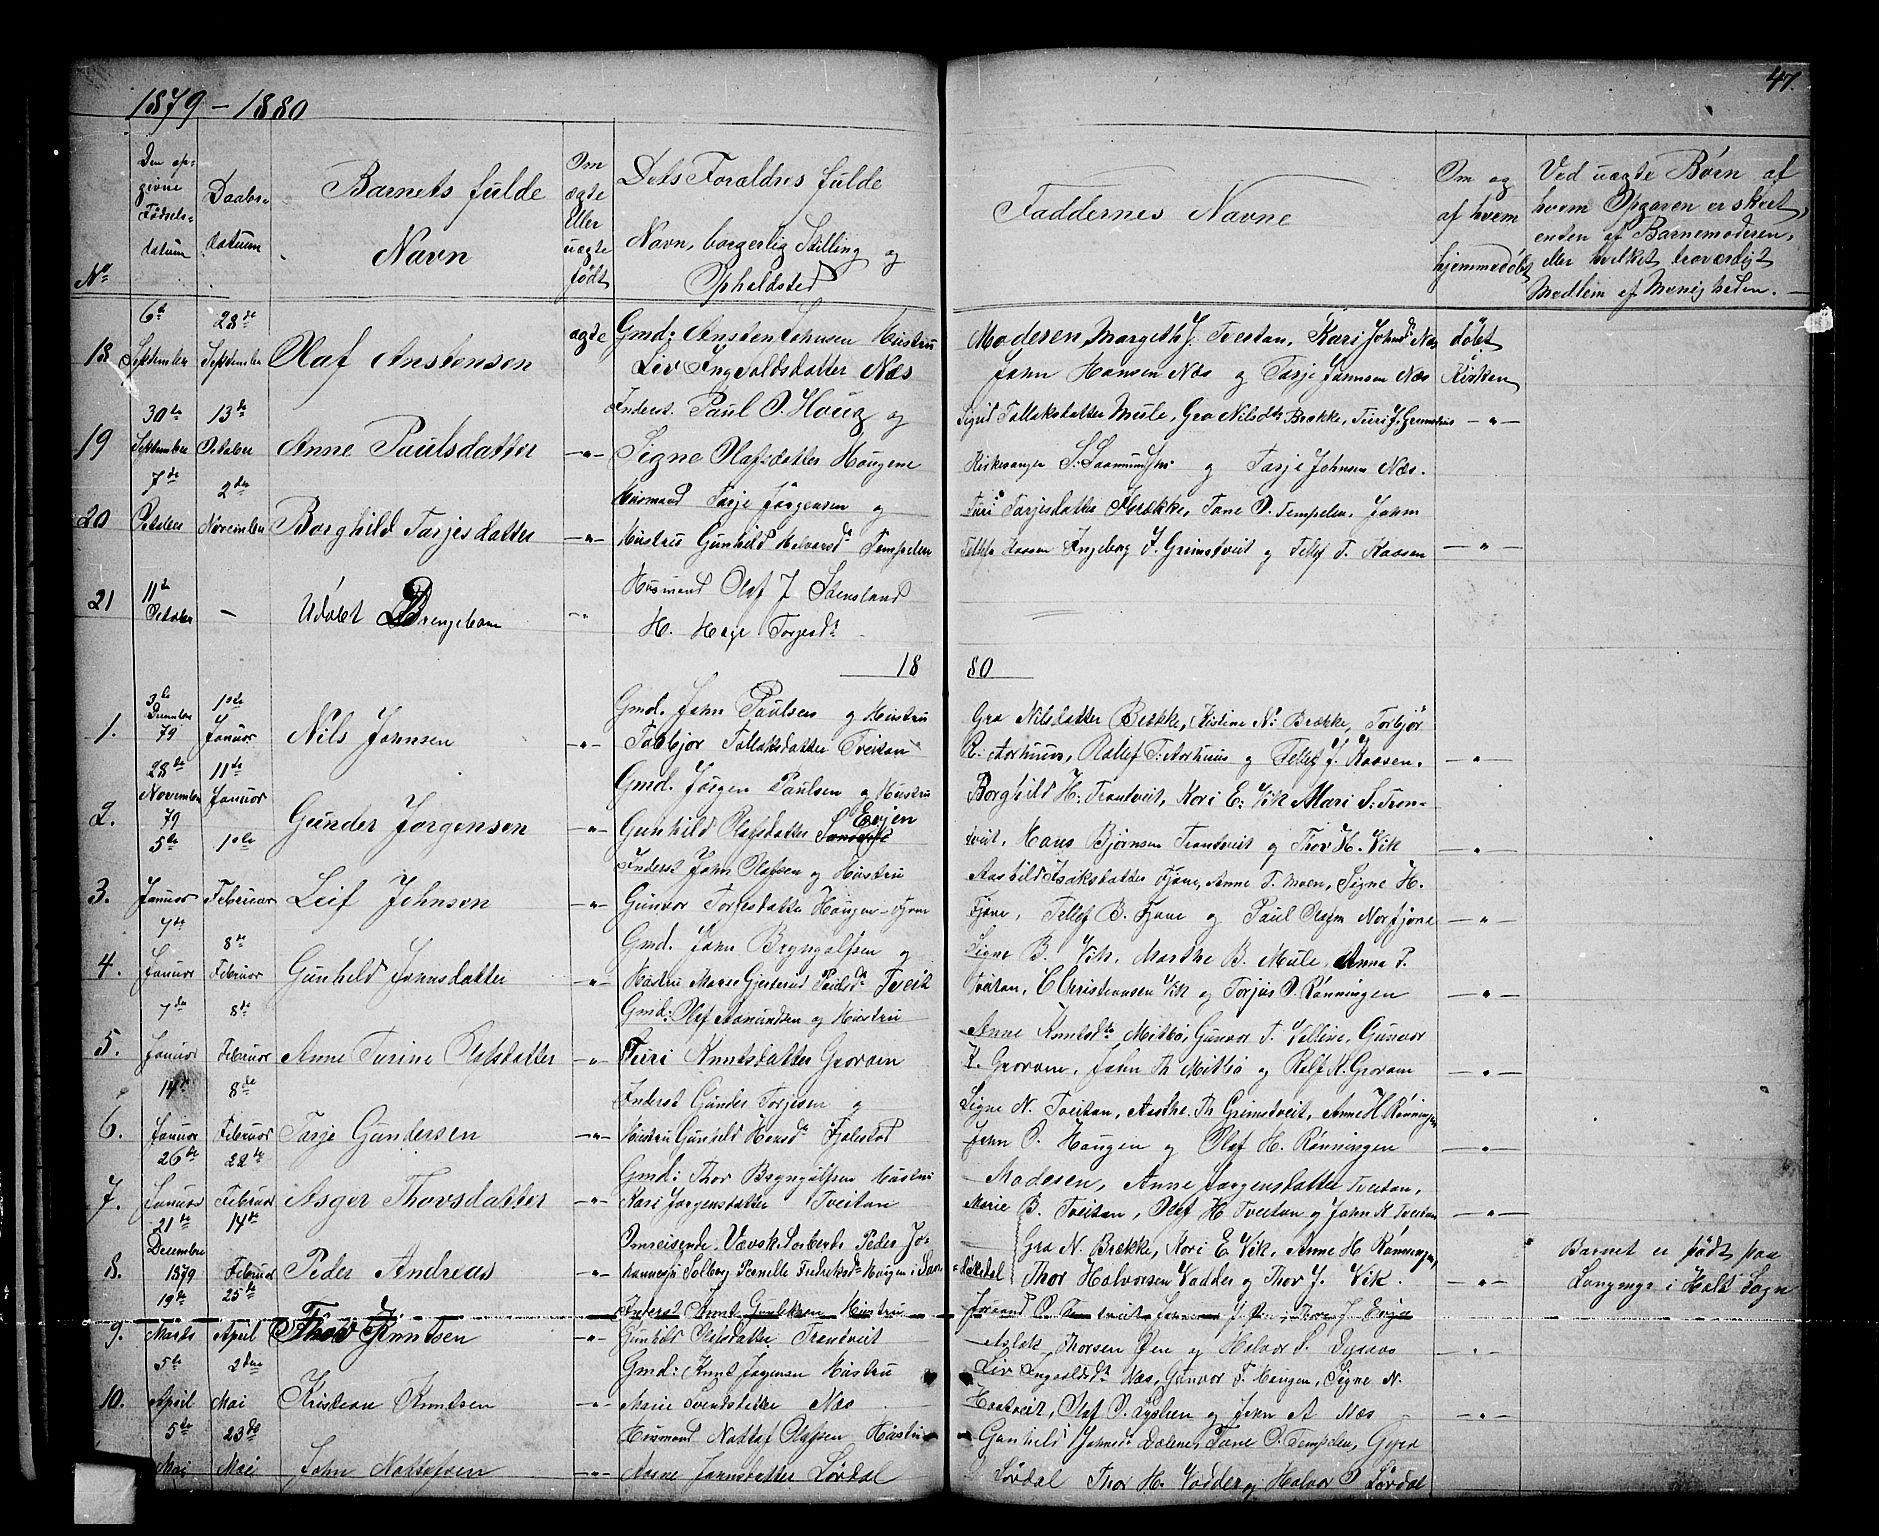 SAKO, Nissedal kirkebøker, G/Ga/L0002: Klokkerbok nr. I 2, 1861-1887, s. 47